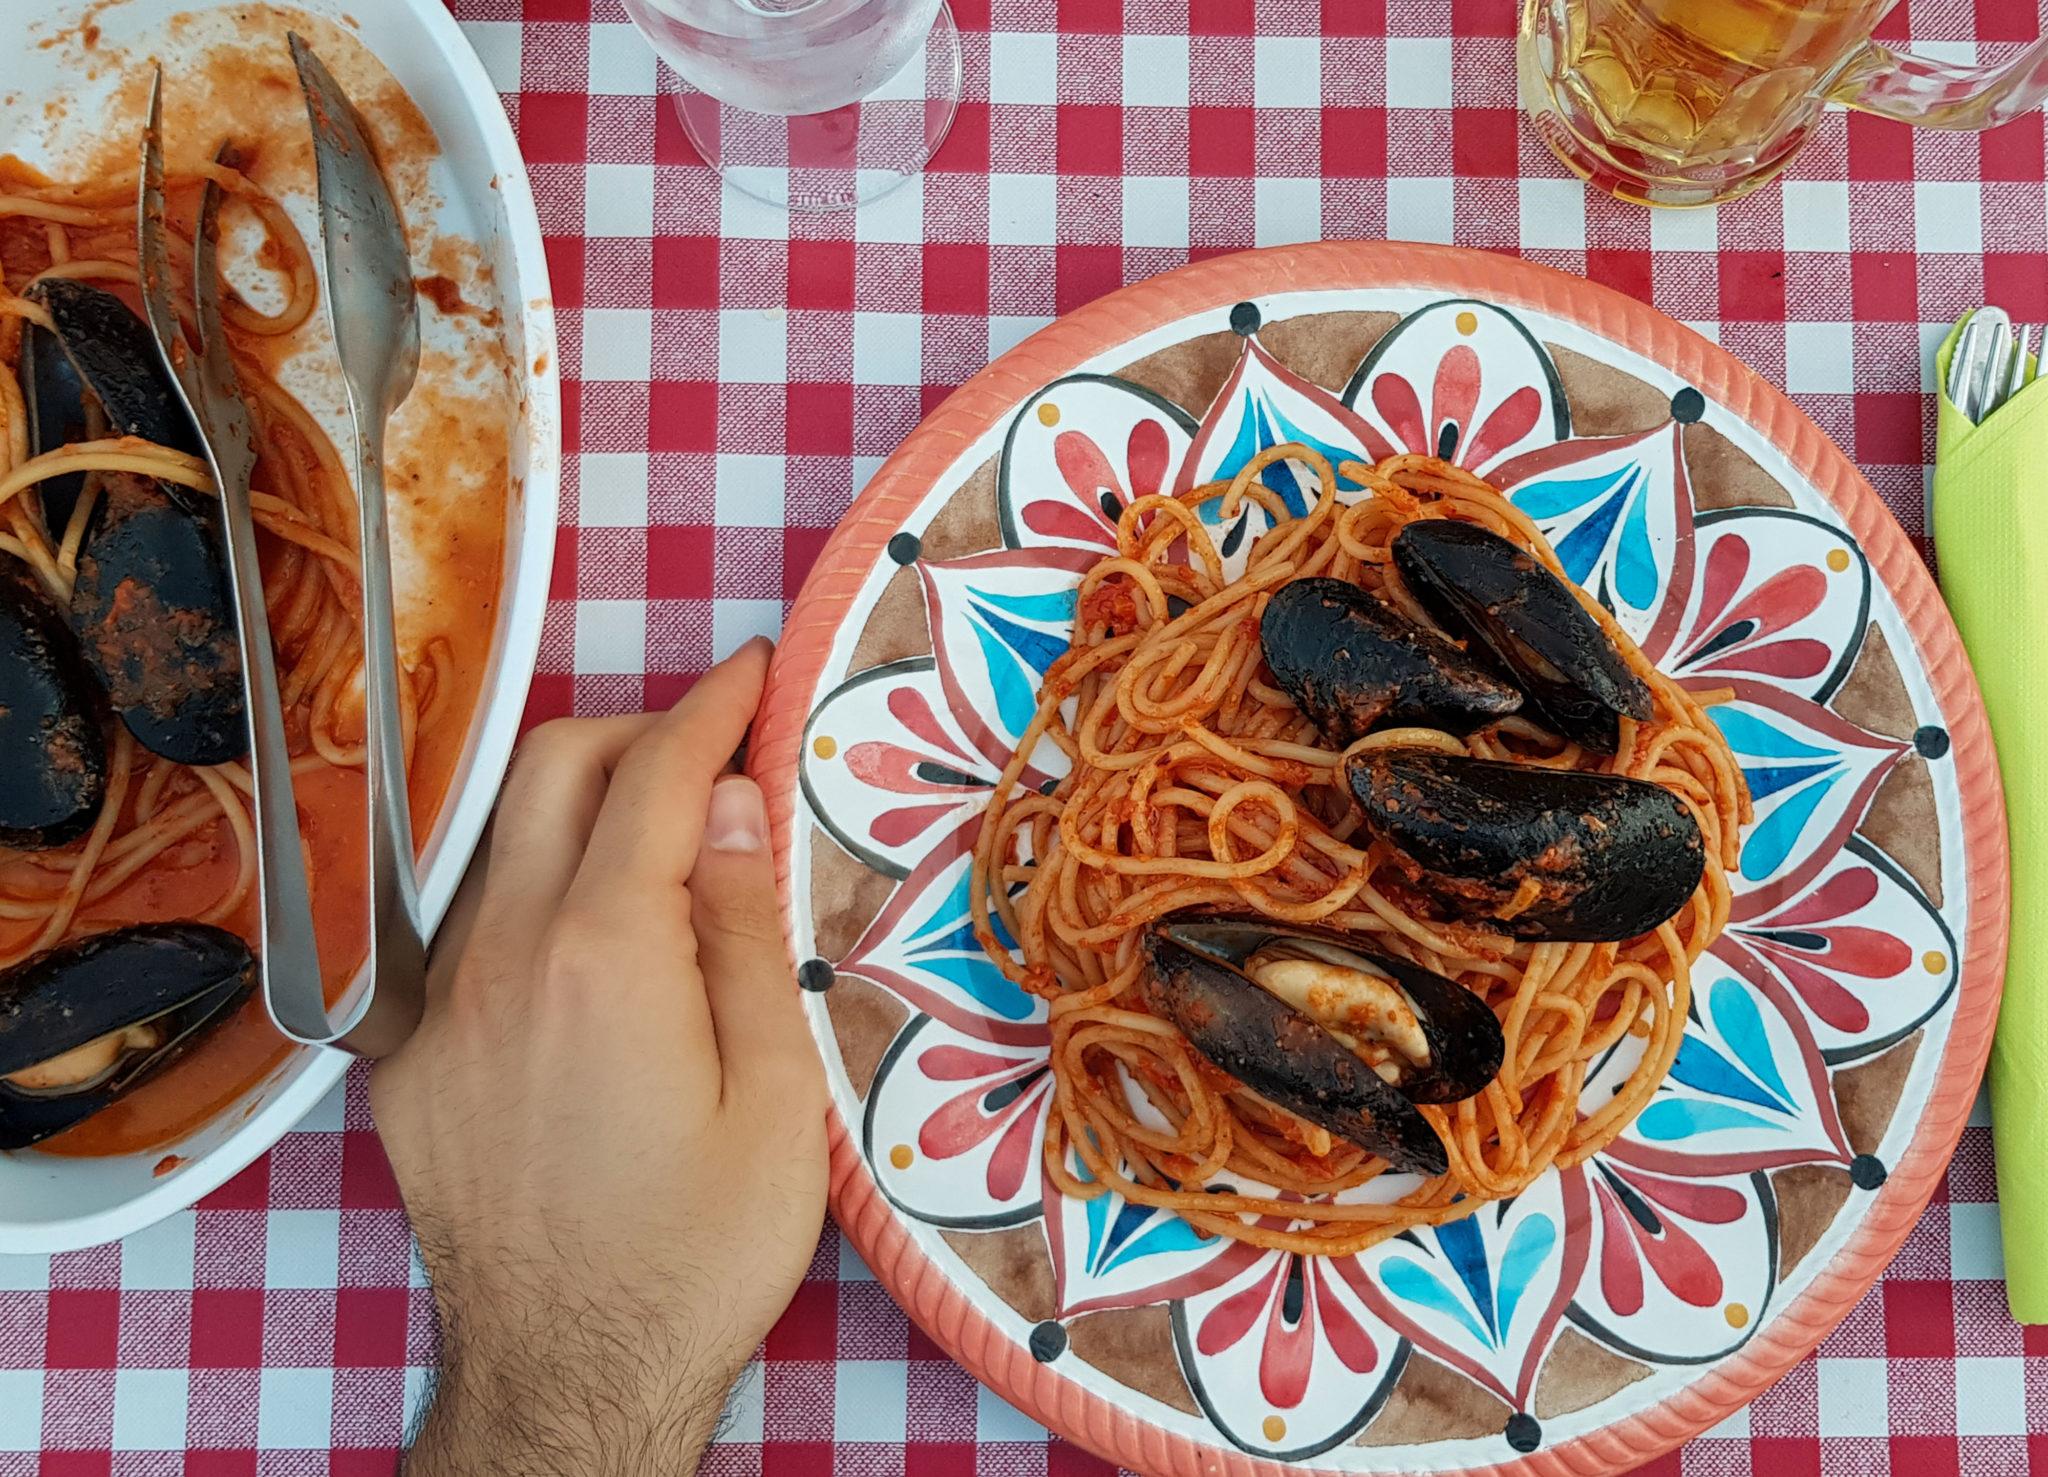 Allotria, Zamarèn e Gher: 3 osterie di mare a Riccione. Ci siamo fatti raccontare dai gestori le loro storie, e i loro piatti